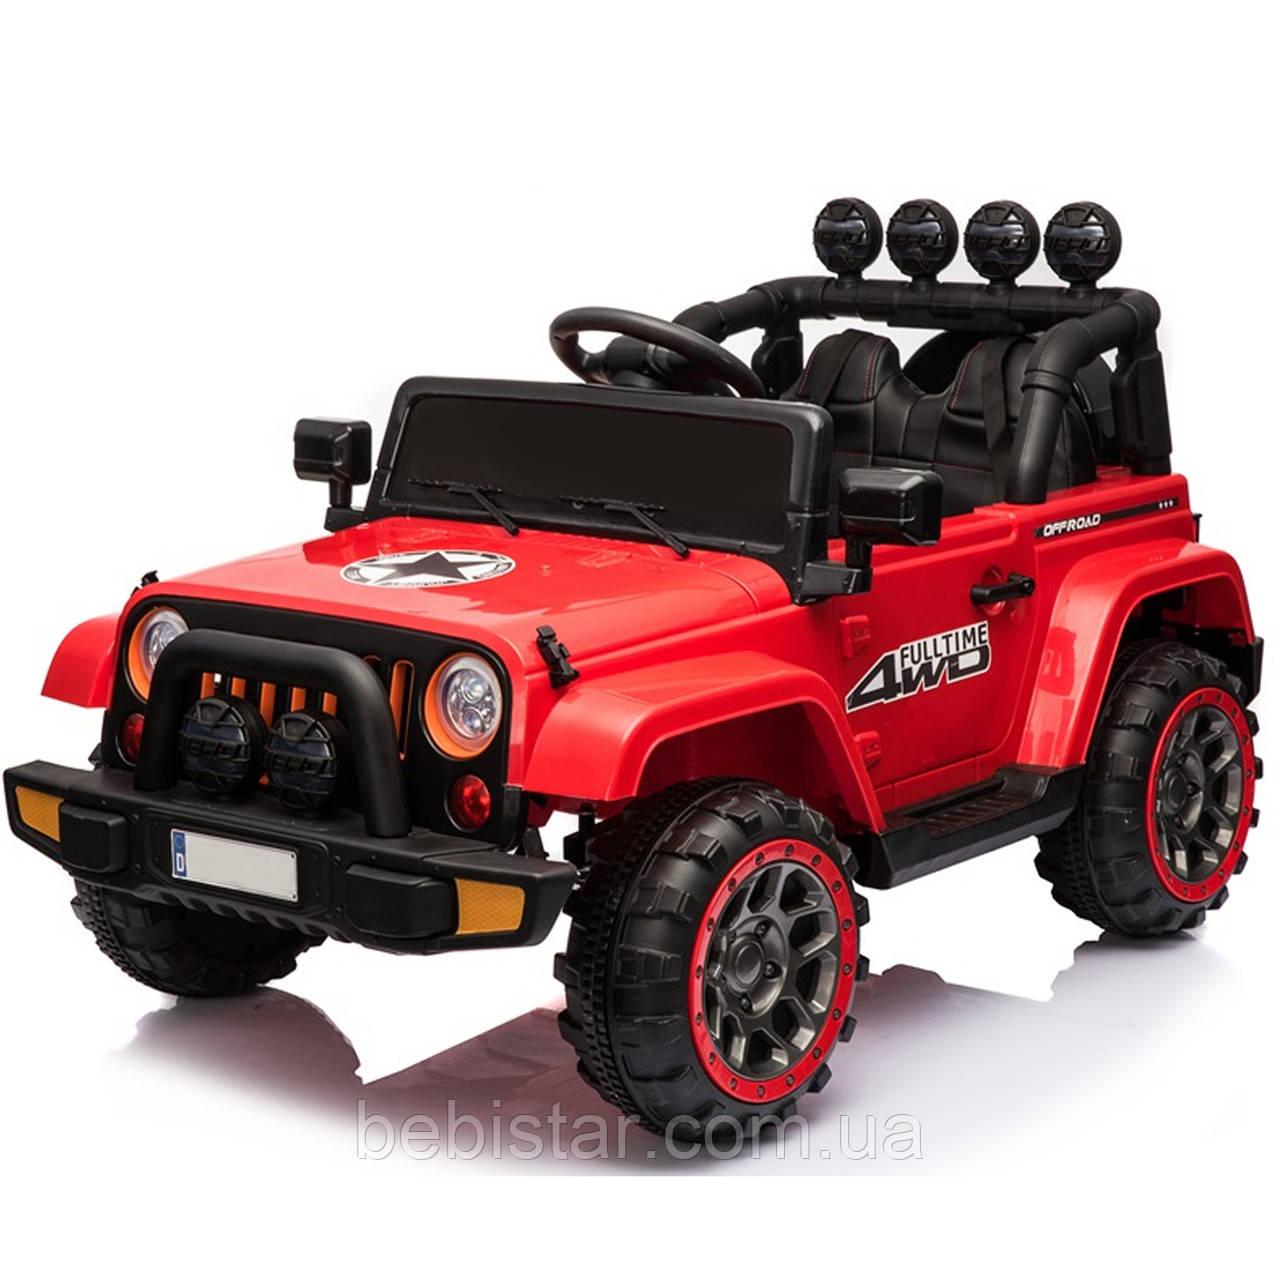 Дитячий електромобіль Джип червоний T-7833 EVA RED діткам 3-8 років з пультом мотор 2*30W батарея 12V7AH з МР3